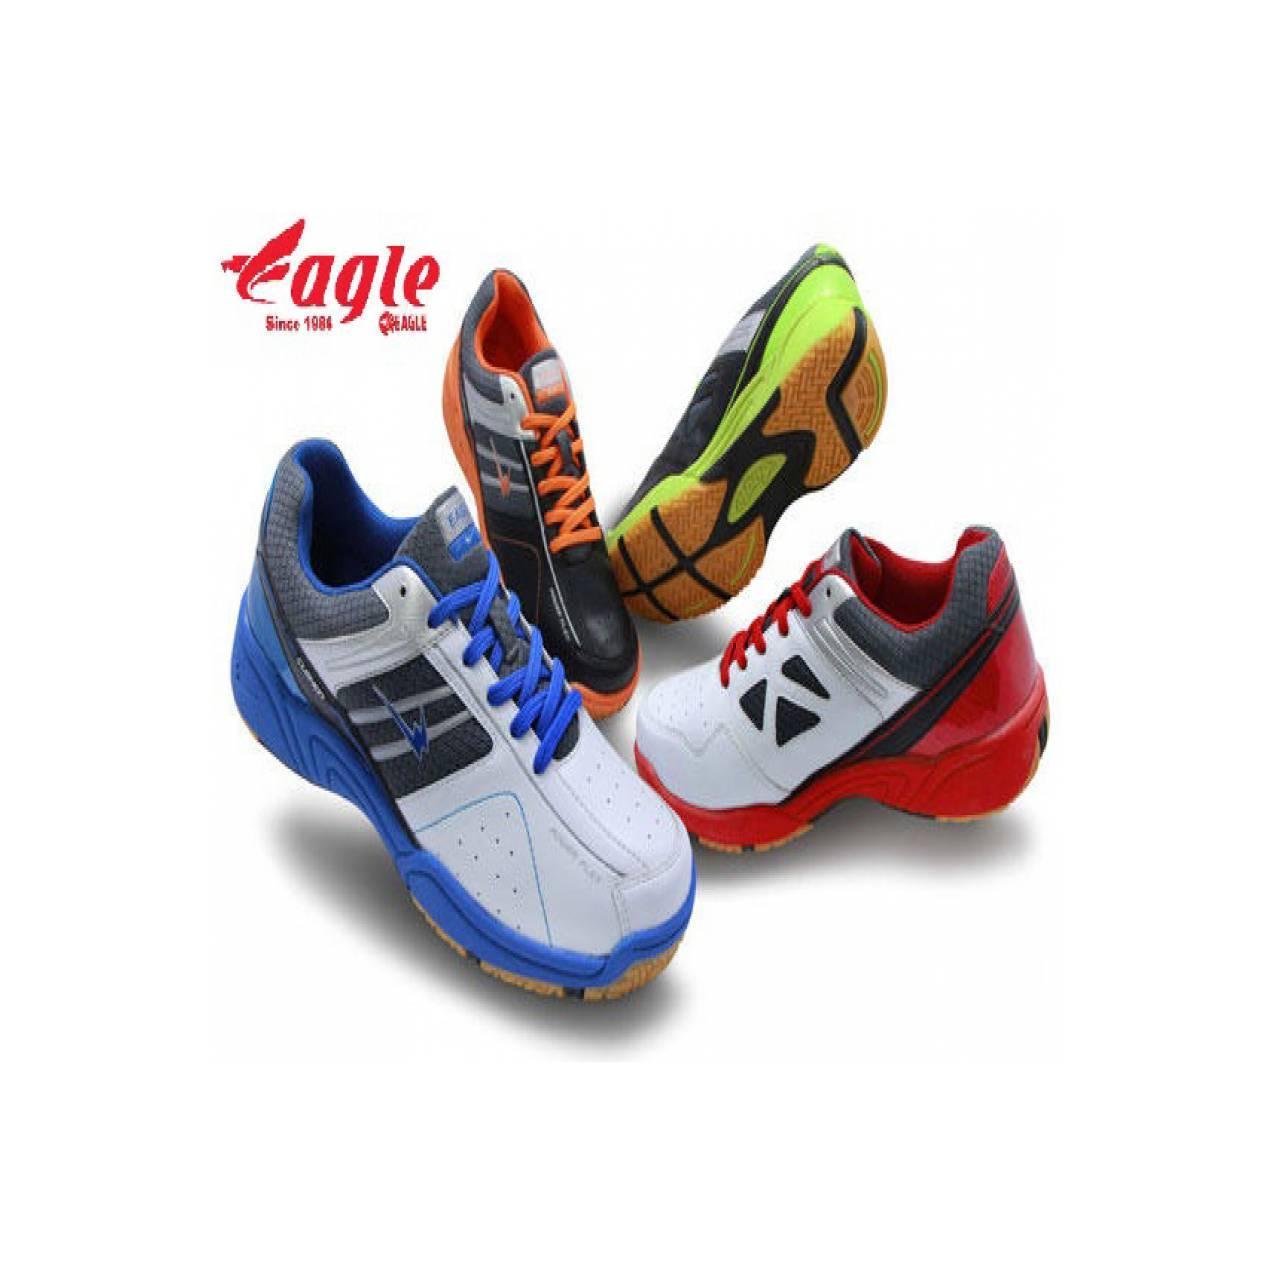 Sepatu badminton Eagle phyt / volly volley asics professional mizuno